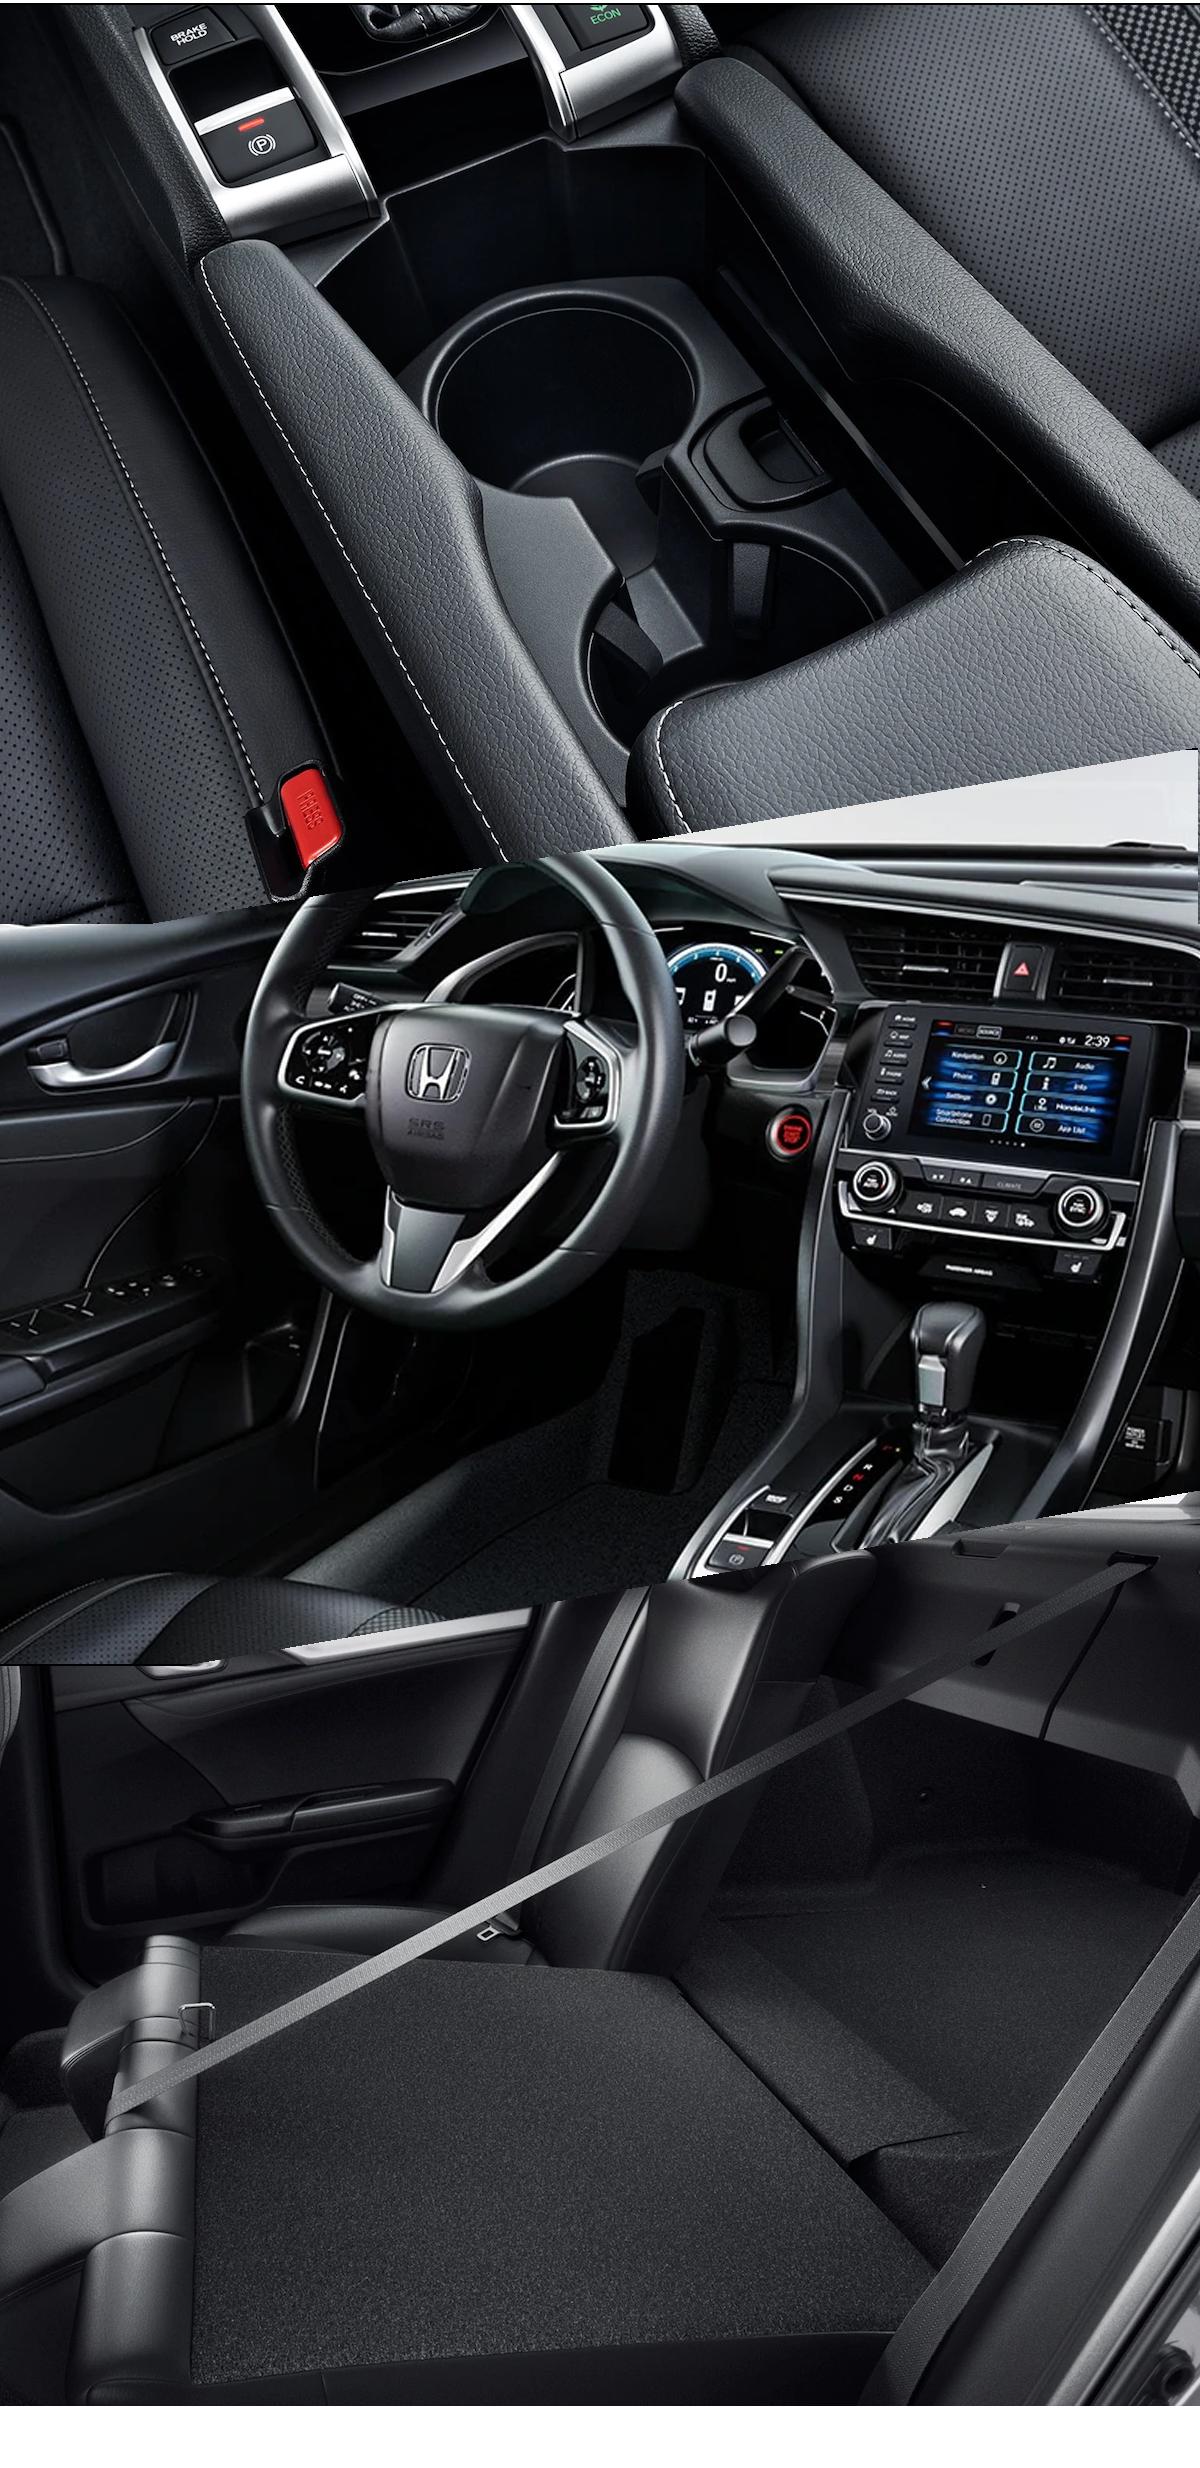 2021 Honda Civic Interior Images